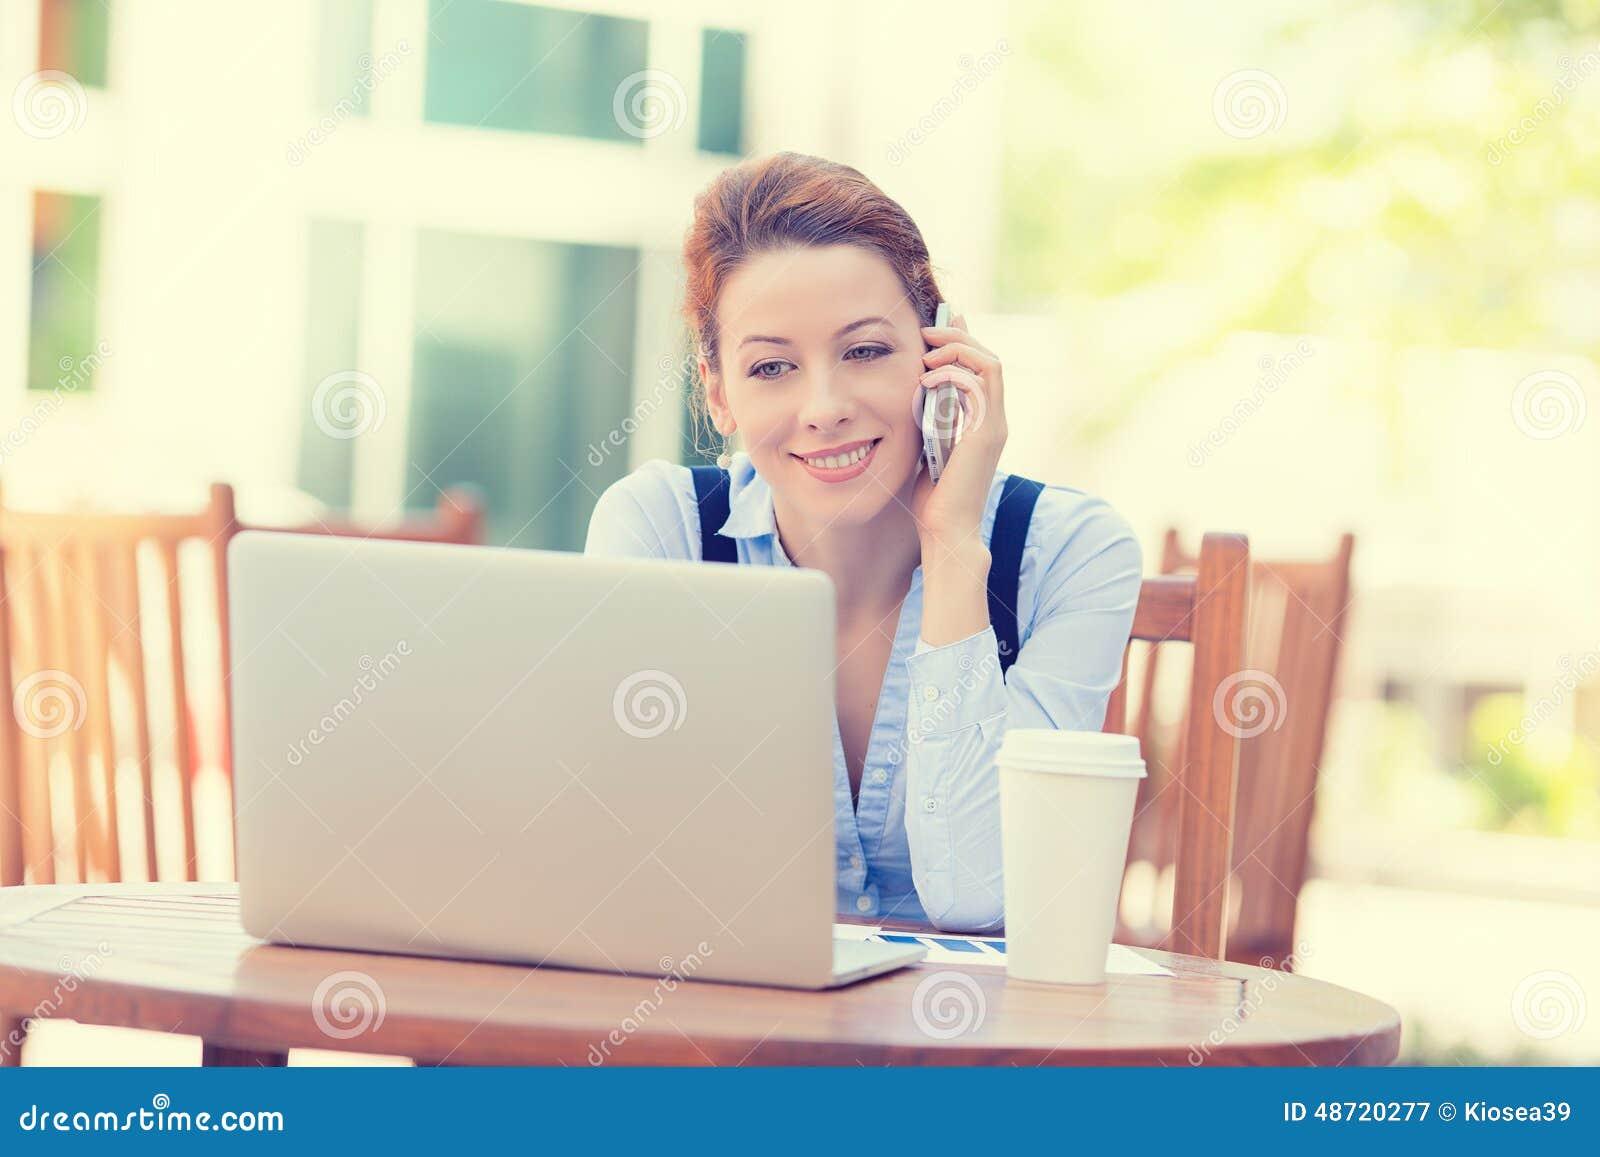 Ευτυχής γυναίκα που μιλά στο κινητό τηλέφωνο που λειτουργεί στο lap-top υπολογιστών